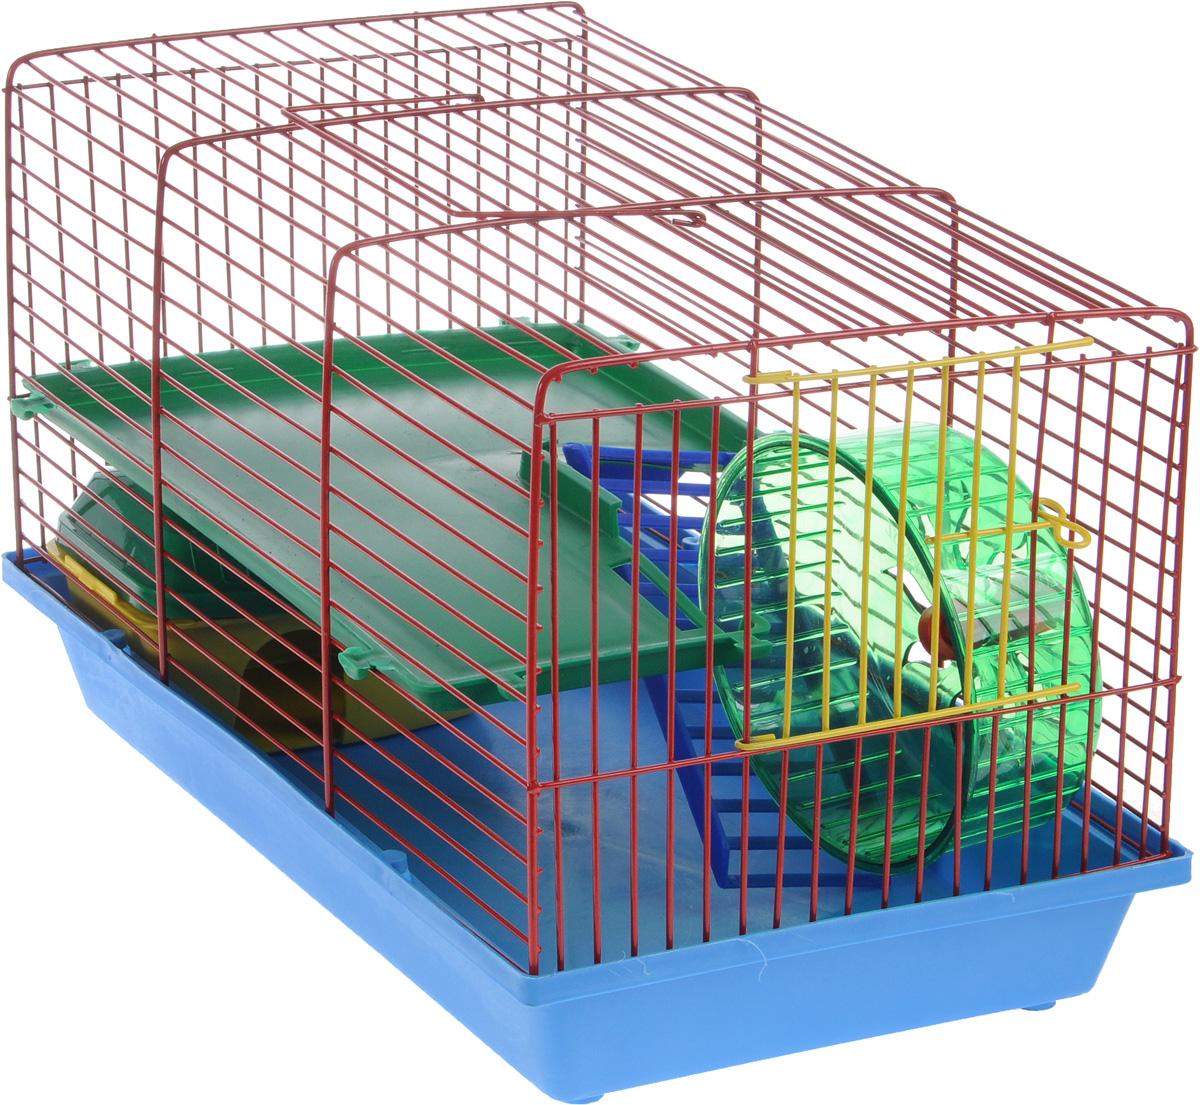 Клетка для грызунов  ЗооМарк , 2-этажная, цвет: синий поддон, красная решетка, зеленый этаж, 36 х 23 х 24 см - Клетки, вольеры, будки